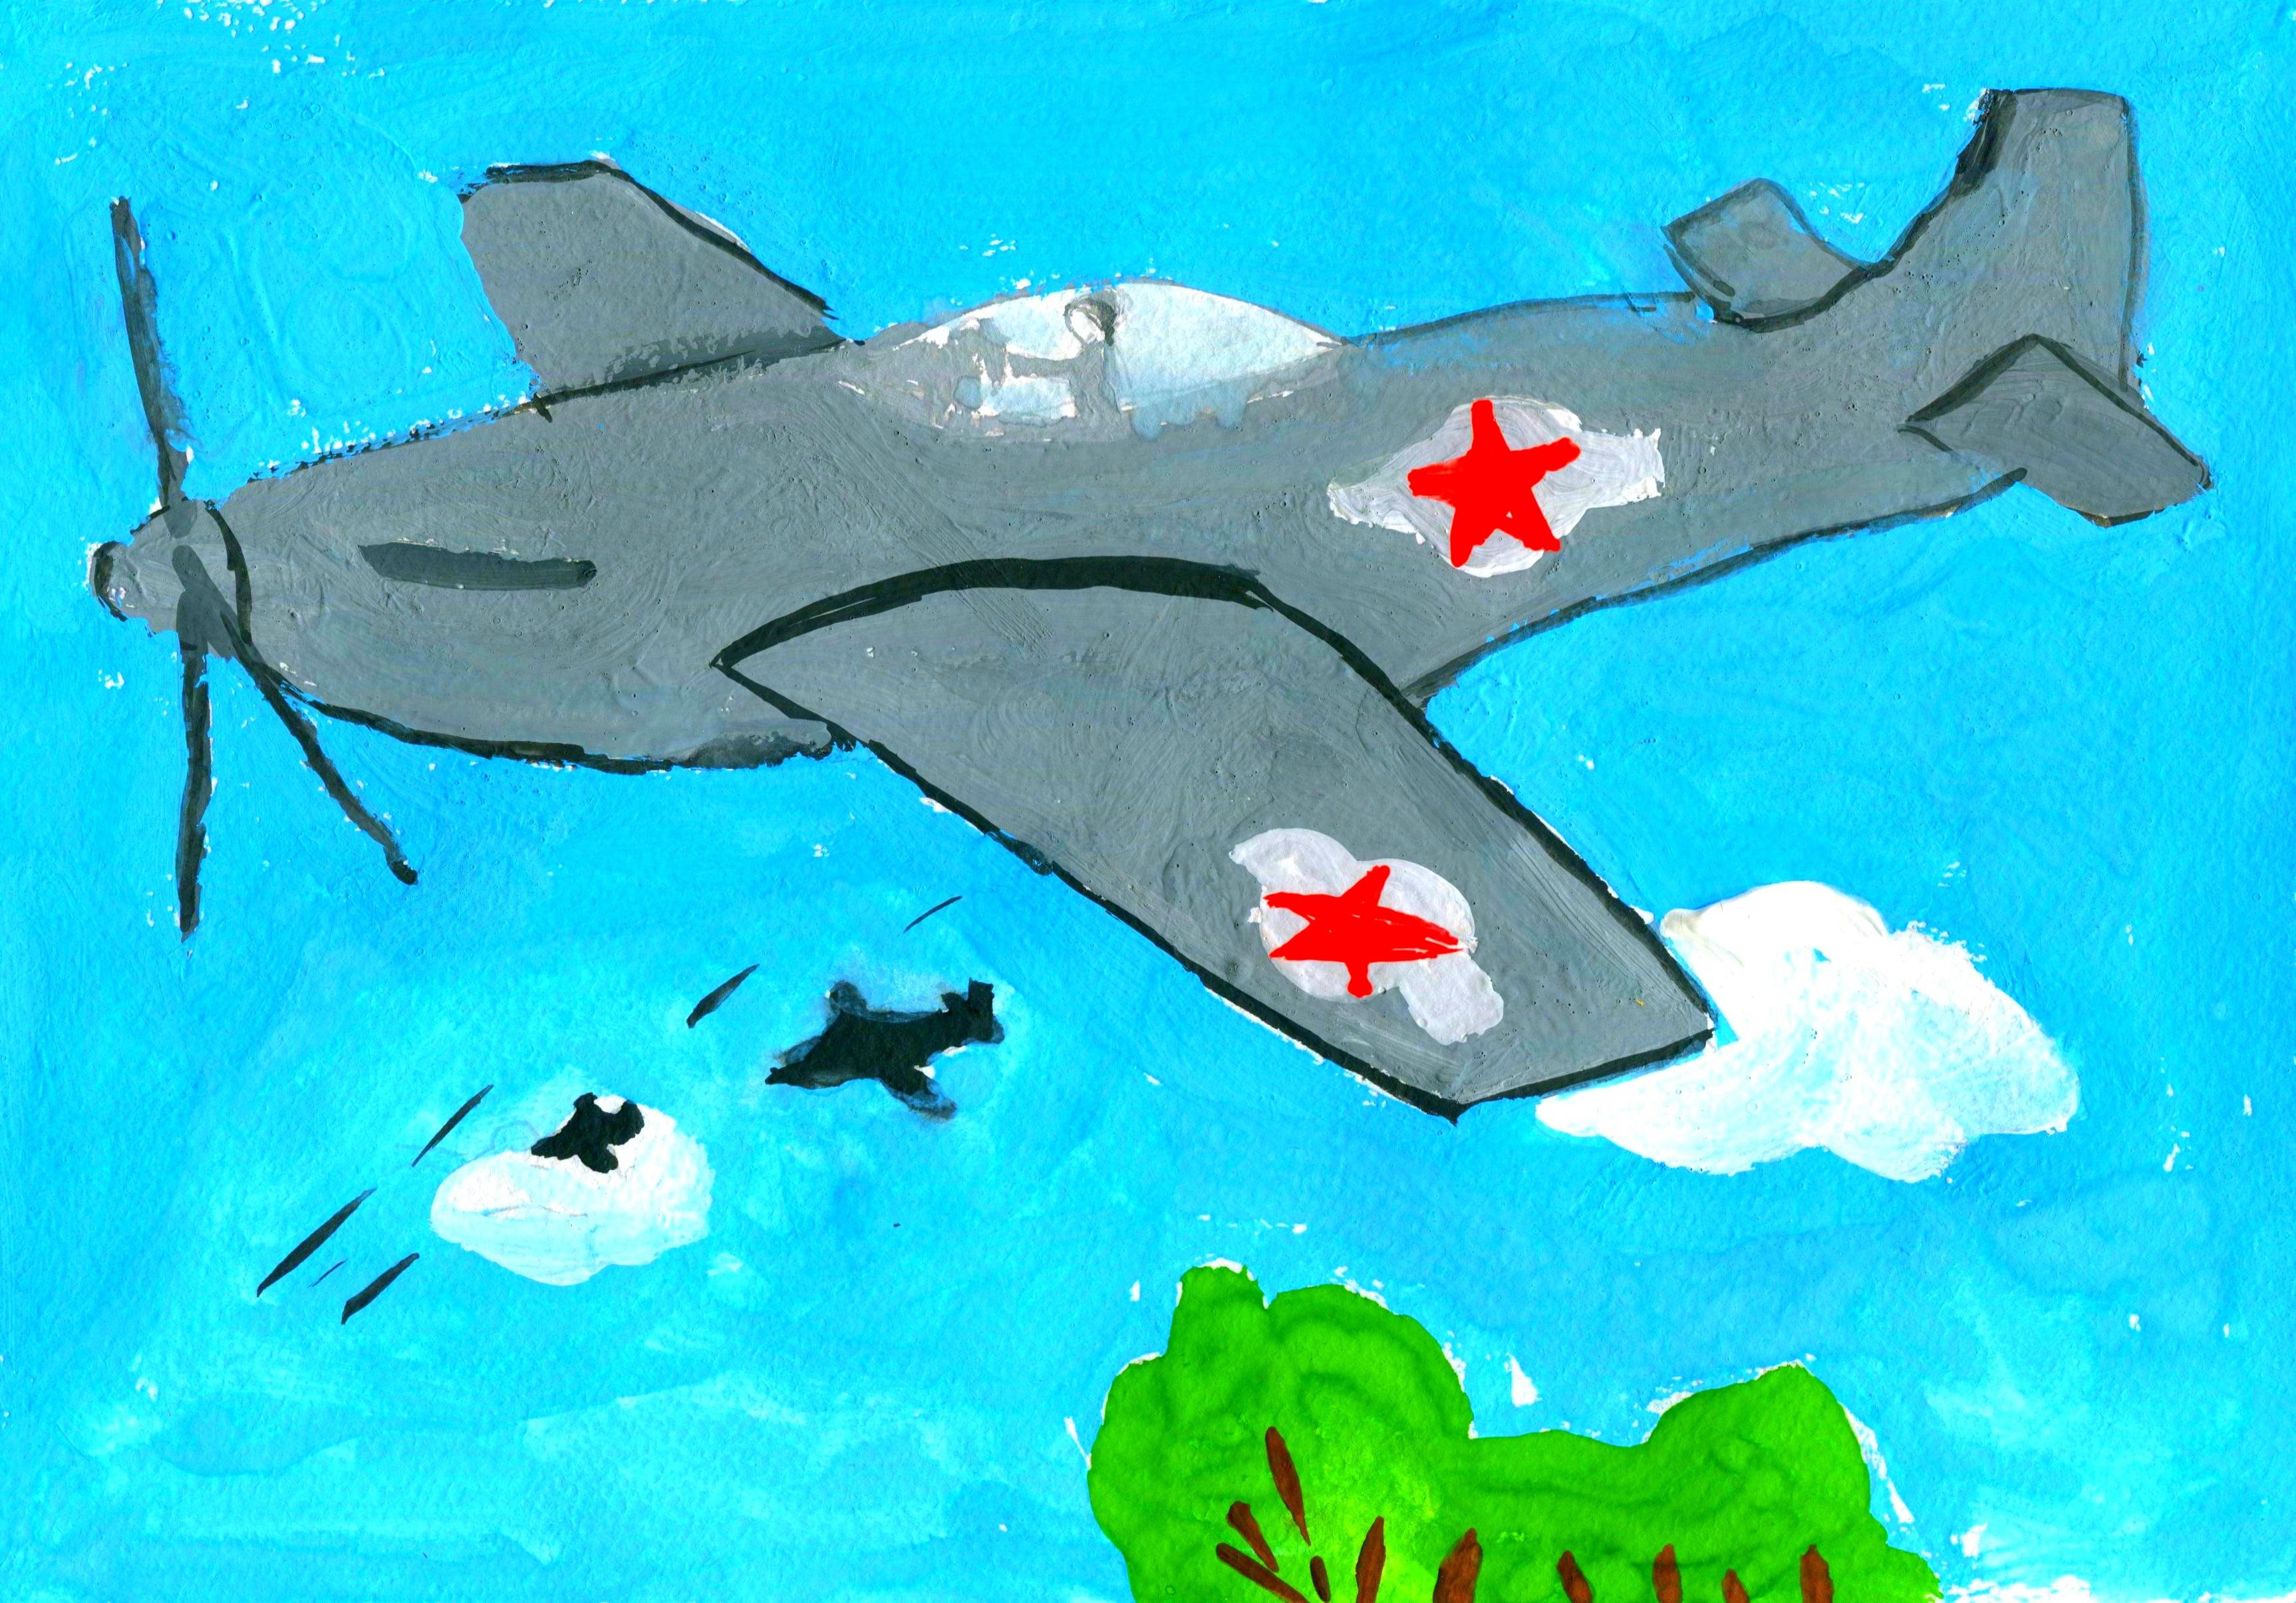 Картинки на тему войны для детей, старинная